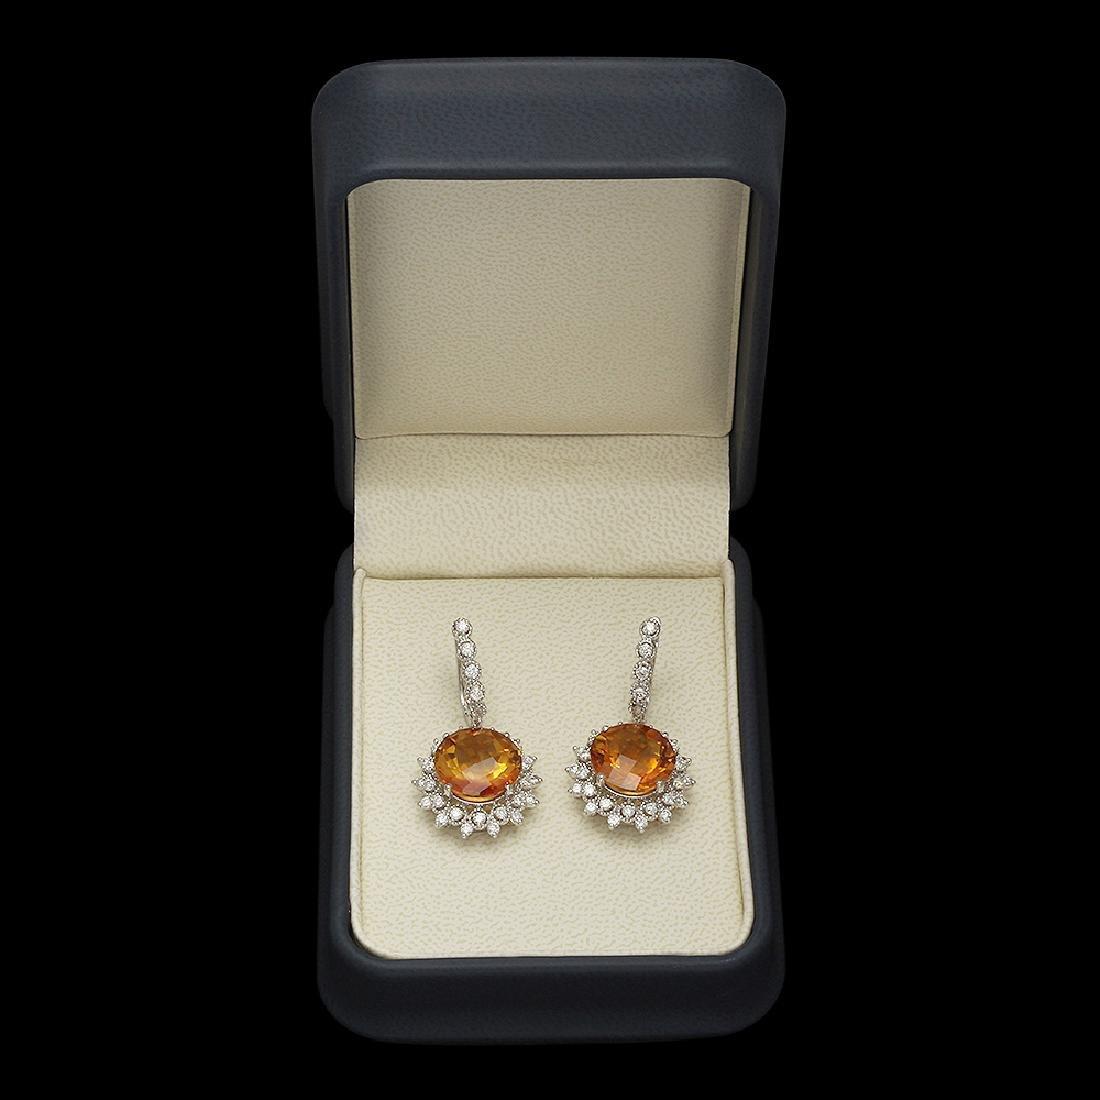 14K Gold 12.71ct Citrine 2.08ct Diamond Earrings - 3